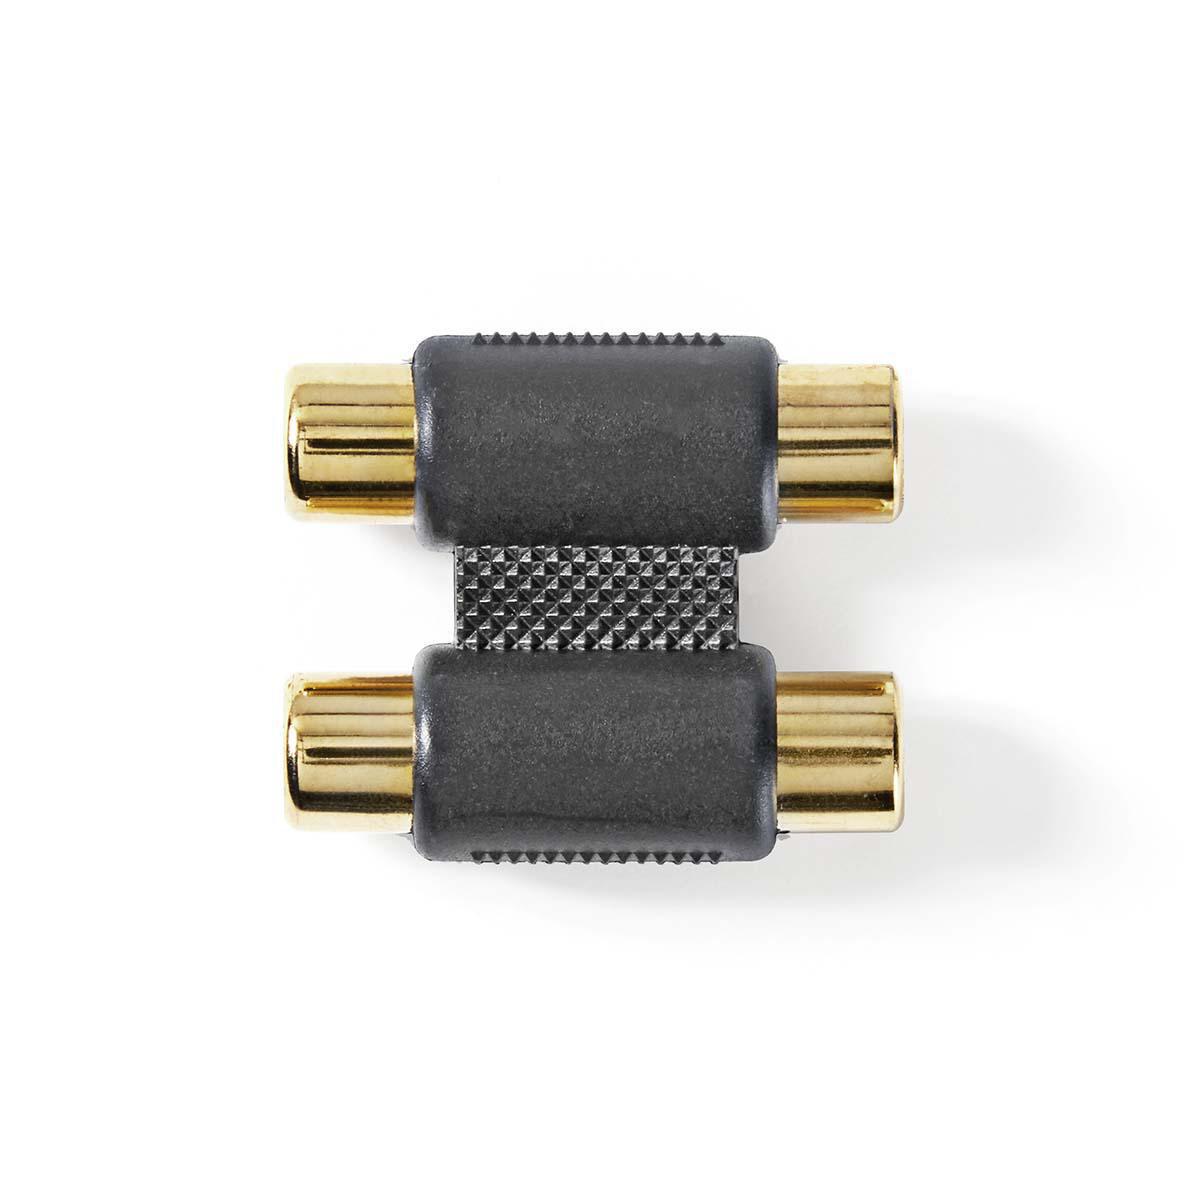 Buchse Audio-Adapter 2x Cinchkupplung auf 1x Cinchkupplung Kupplung Anschluss